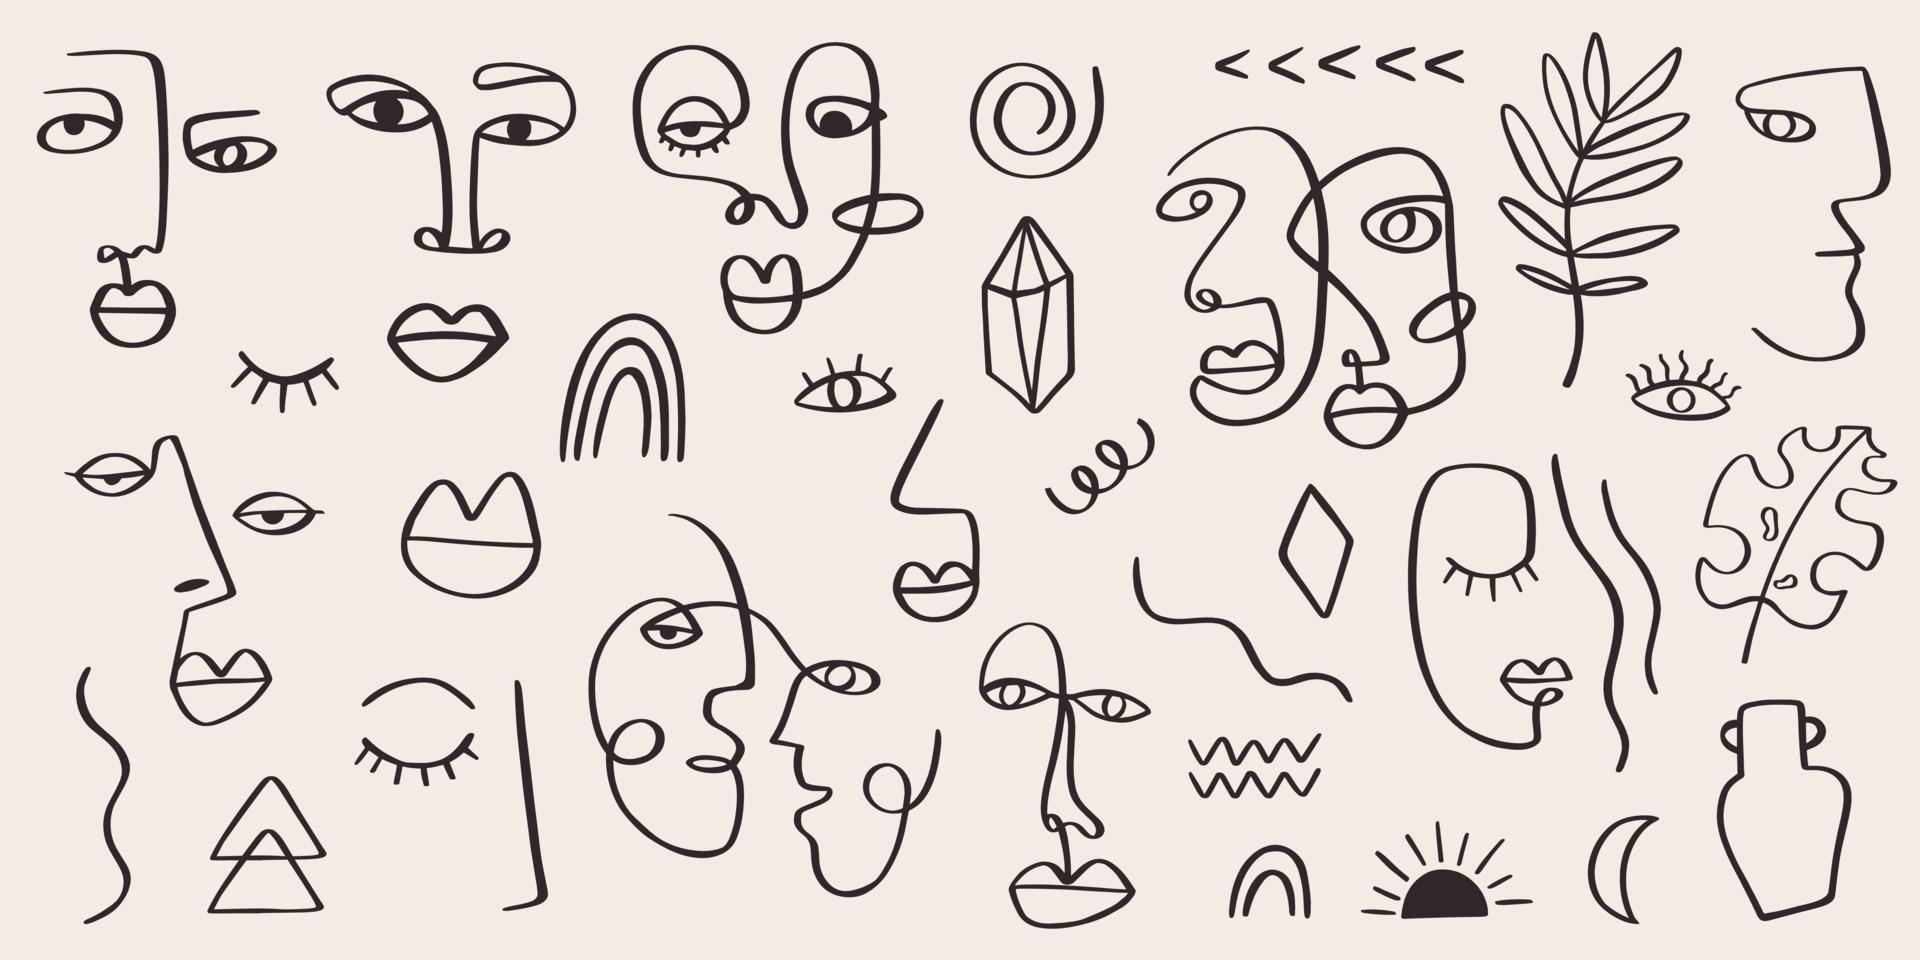 portrait de femme tribale abstraite situé dans l'art de la ligne continue. éléments contemporains de mode avec des visages féminins ethniques, des feuilles, des fleurs, des formes dans un style de peinture à l'encre moderne. concept esthétique minimaliste vecteur